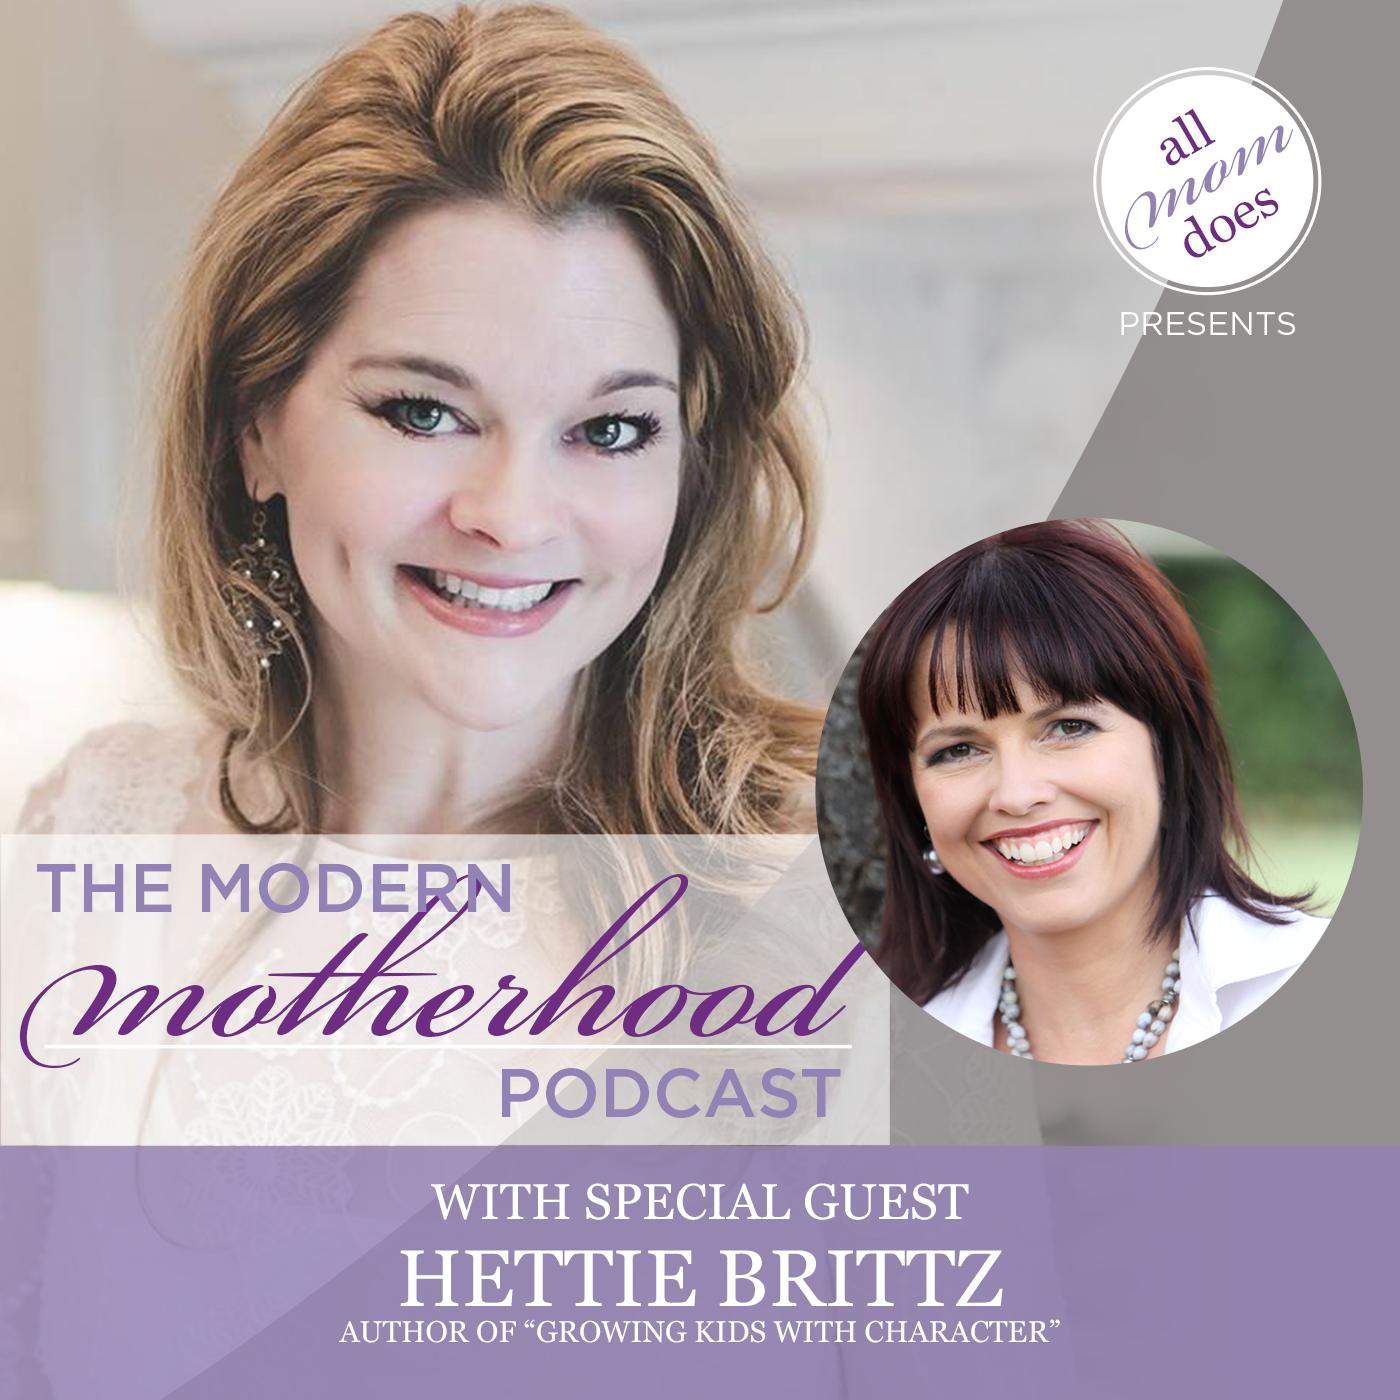 The Modern Motherhood Podcast #27: Hettie Brittz